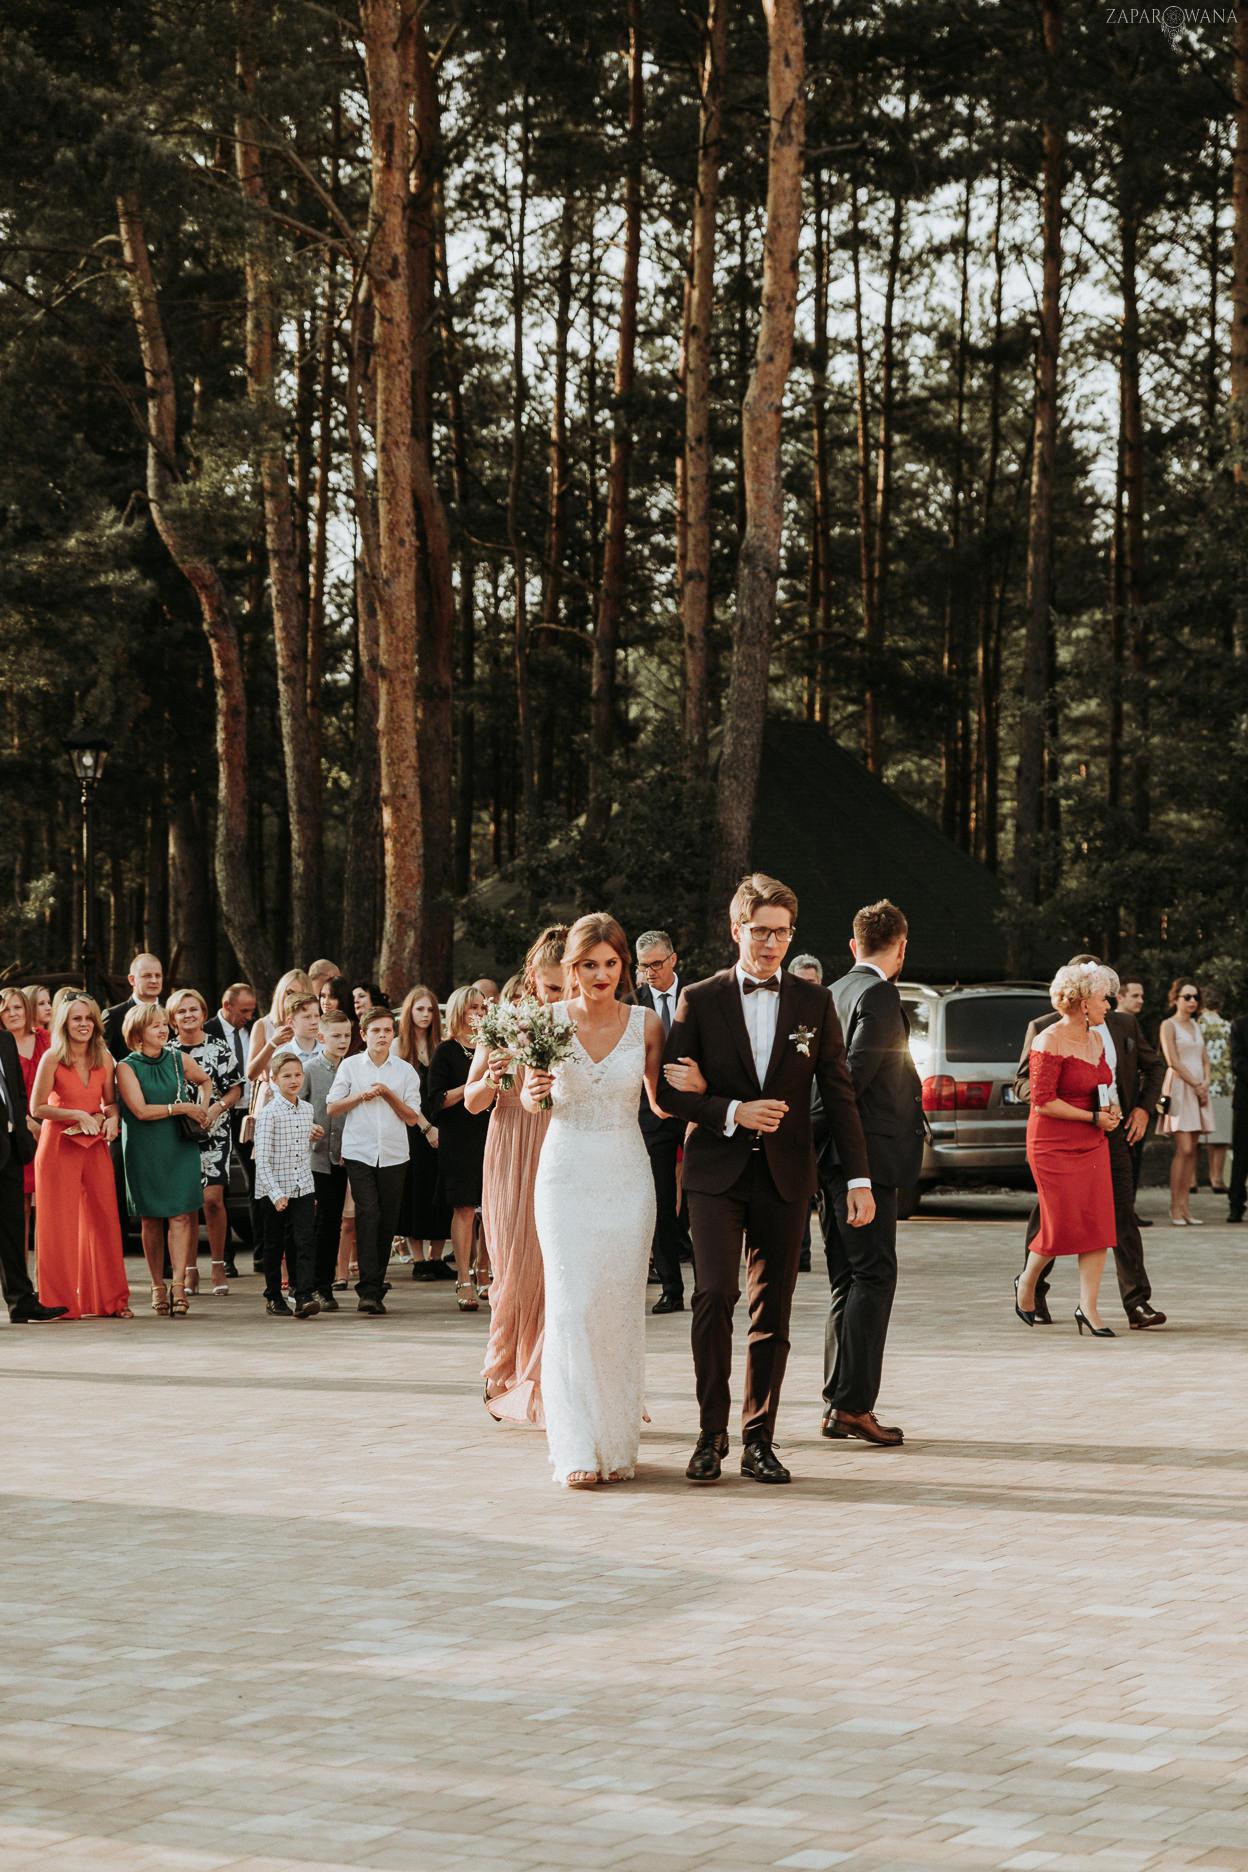 033 - ZAPAROWANA - Ślub A-A